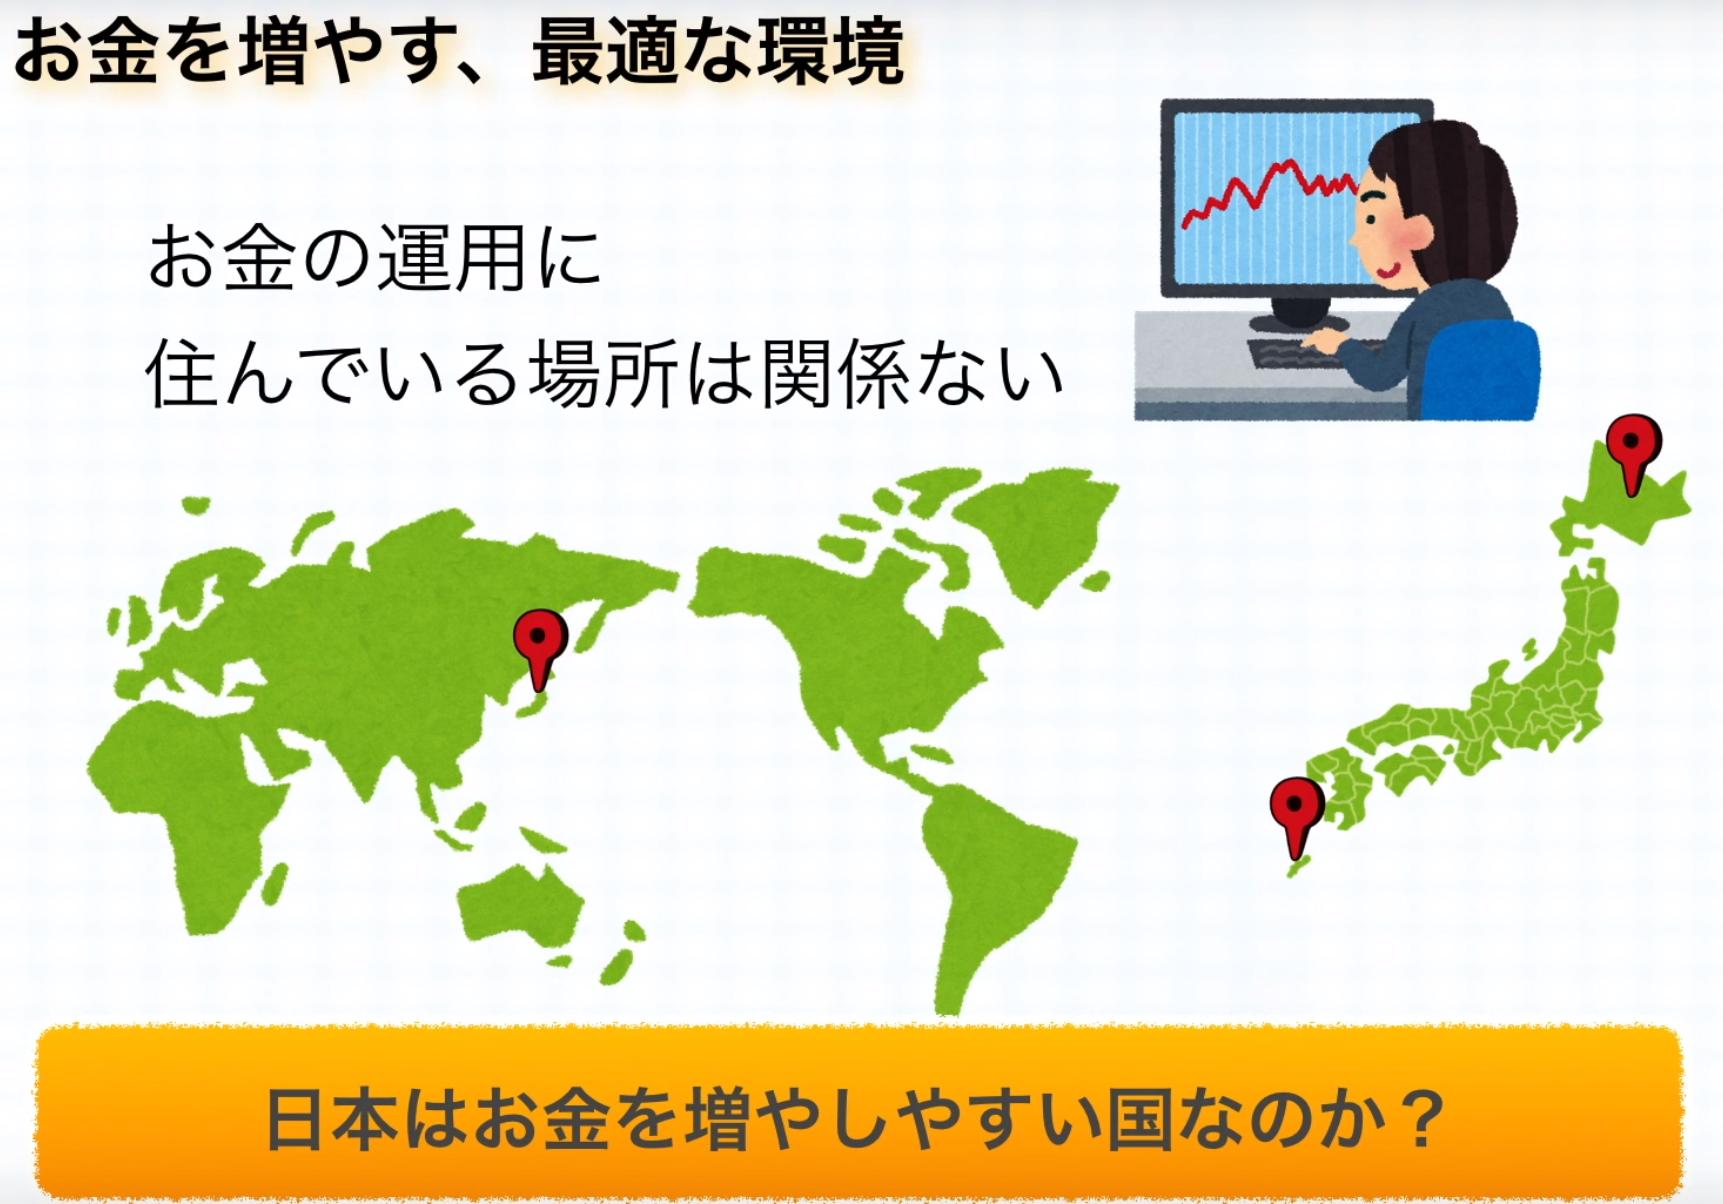 日本でお金は増えるのか?